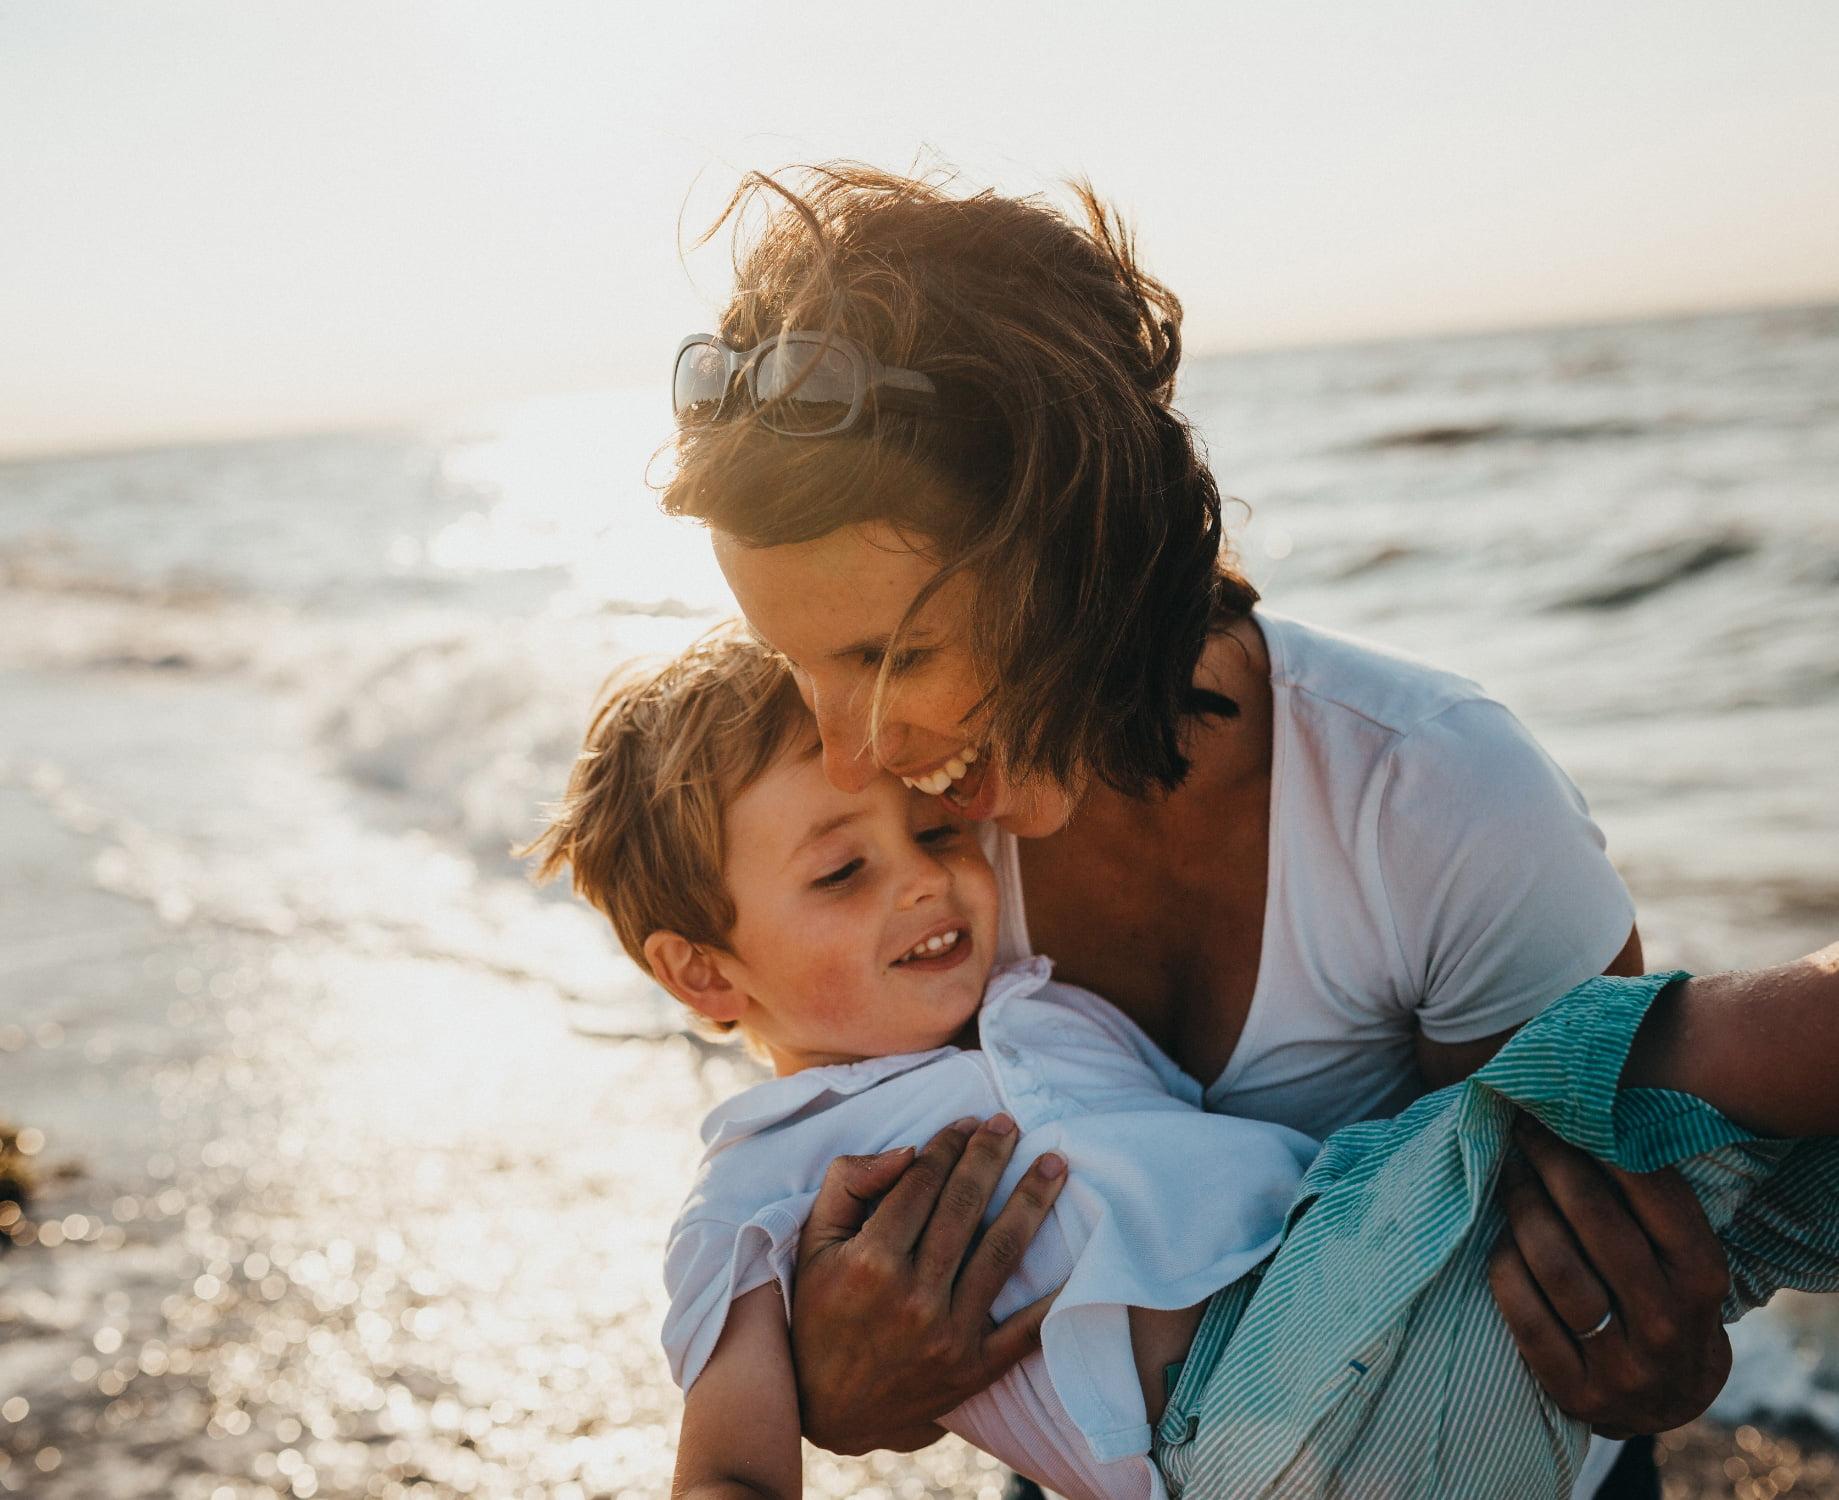 nainen kantaa lasta sylissään, kummatkin nauravat